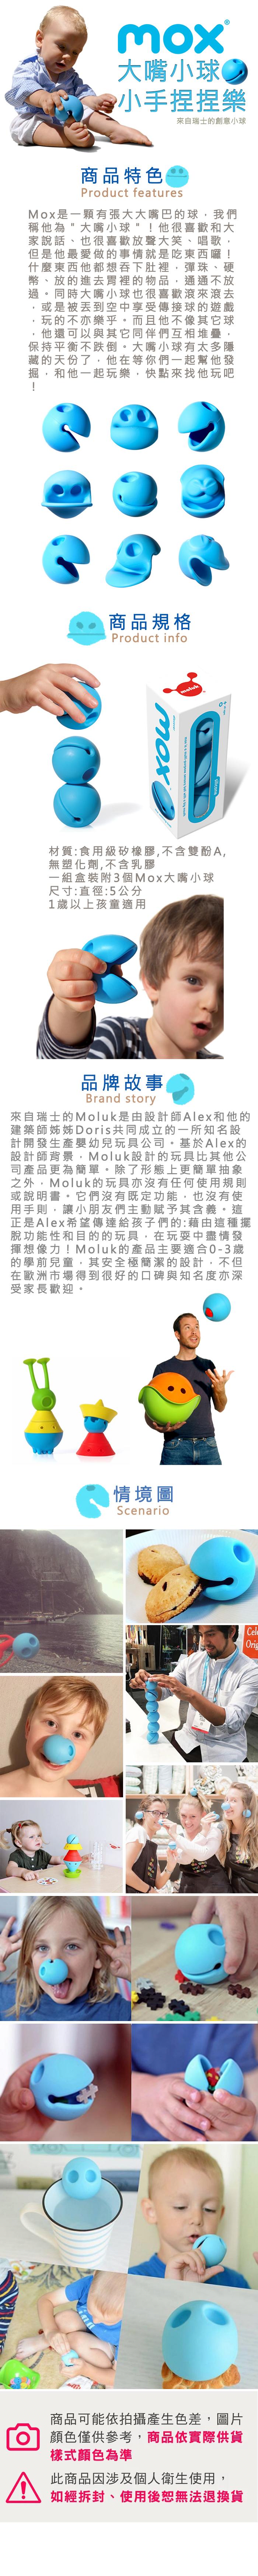 (複製)MOLUK│瑞士洗澡玩具 - Hix 創意三角疊疊樂